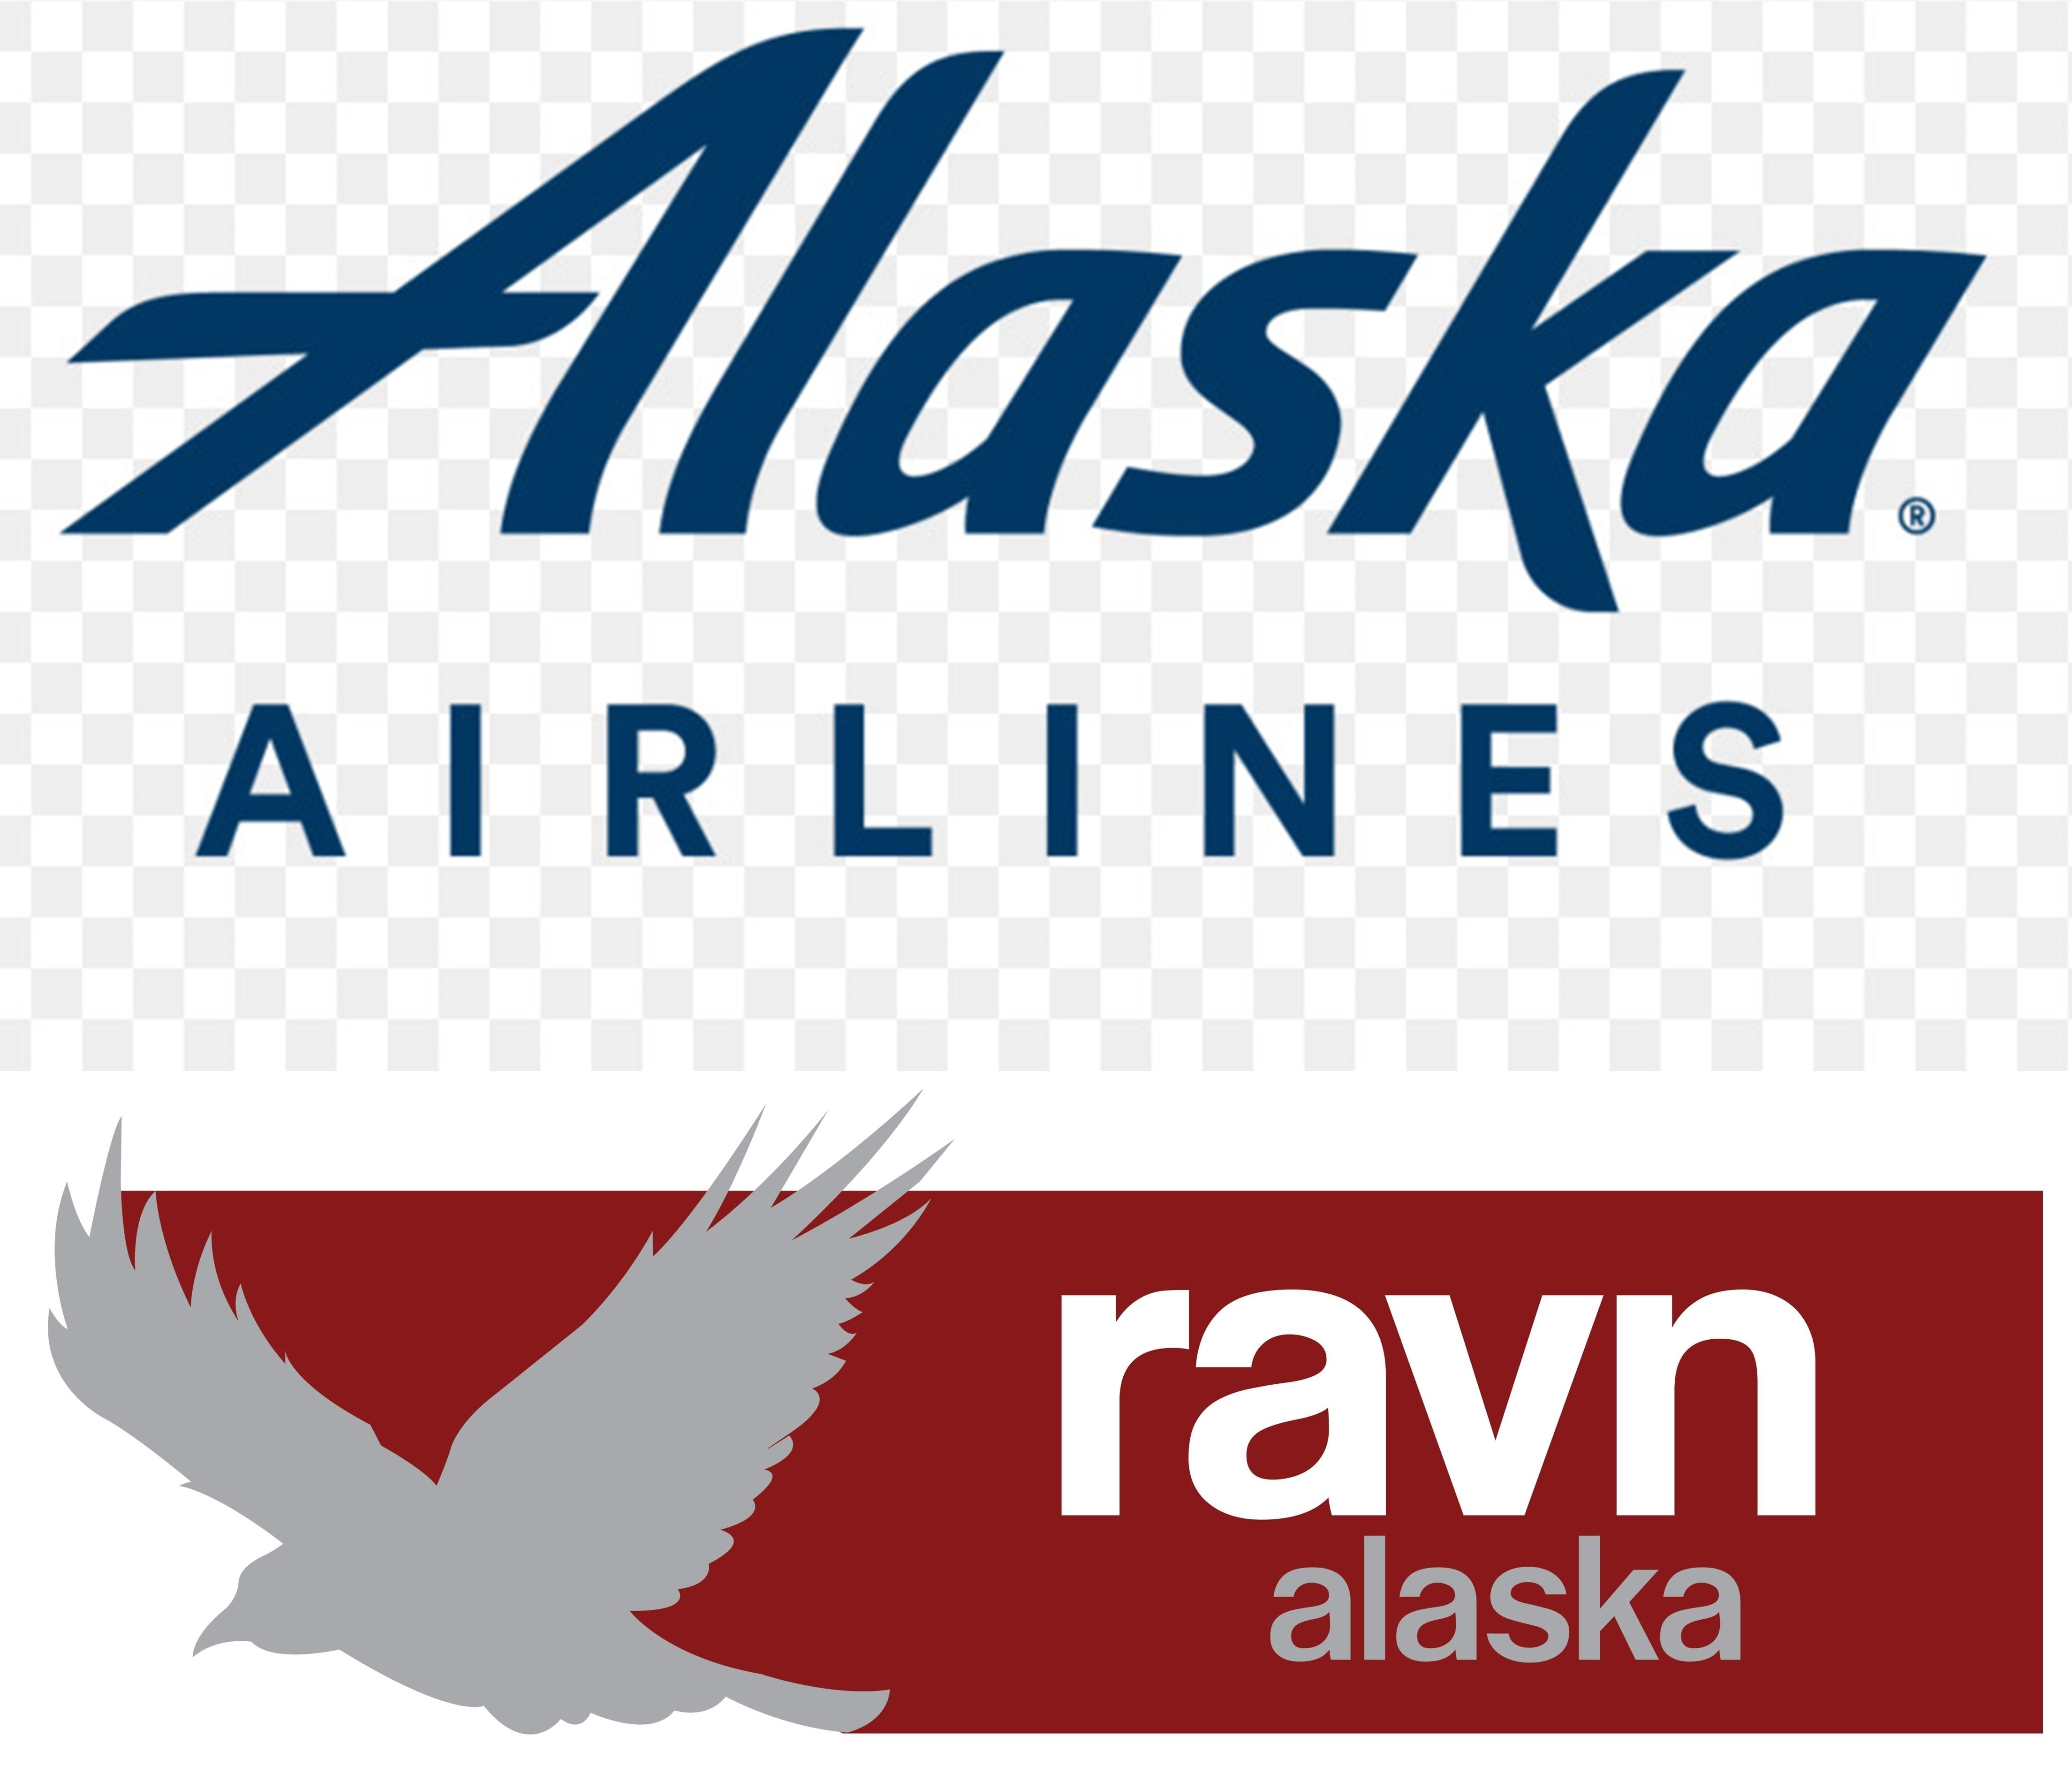 AW-Ravn Alaska_Alaska Airlines_Isologotype